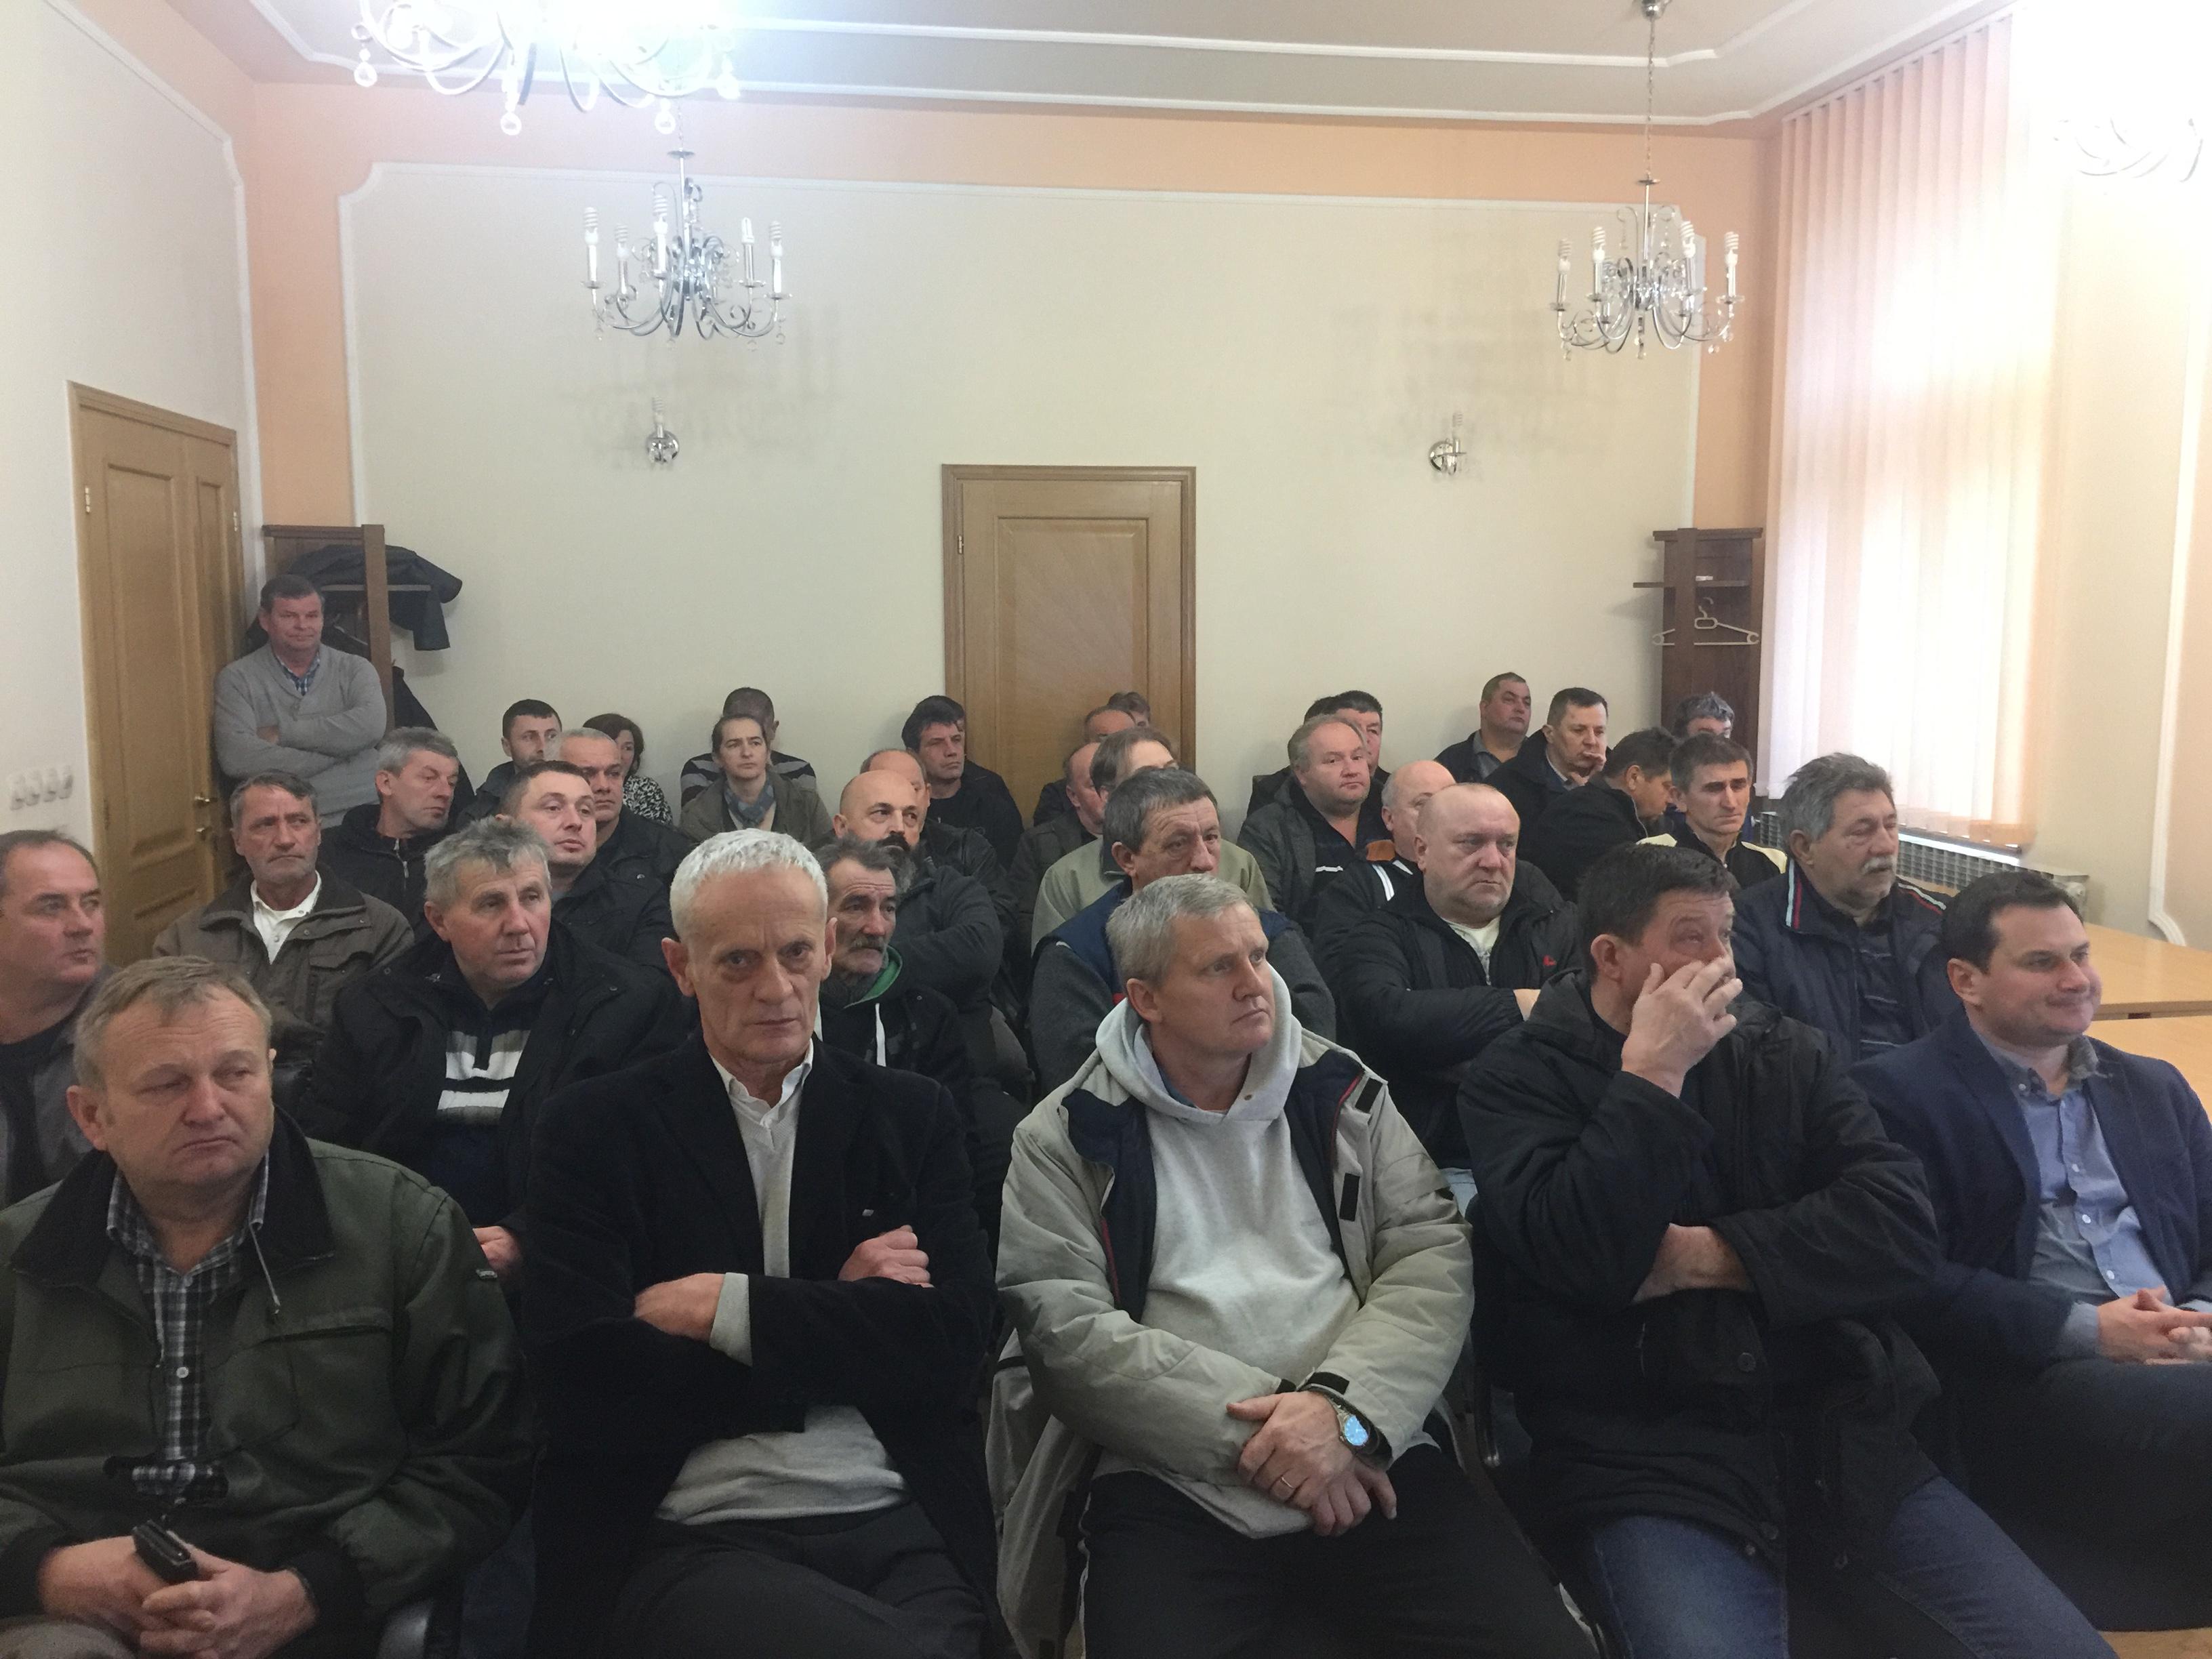 Održana prezentacija Podravke